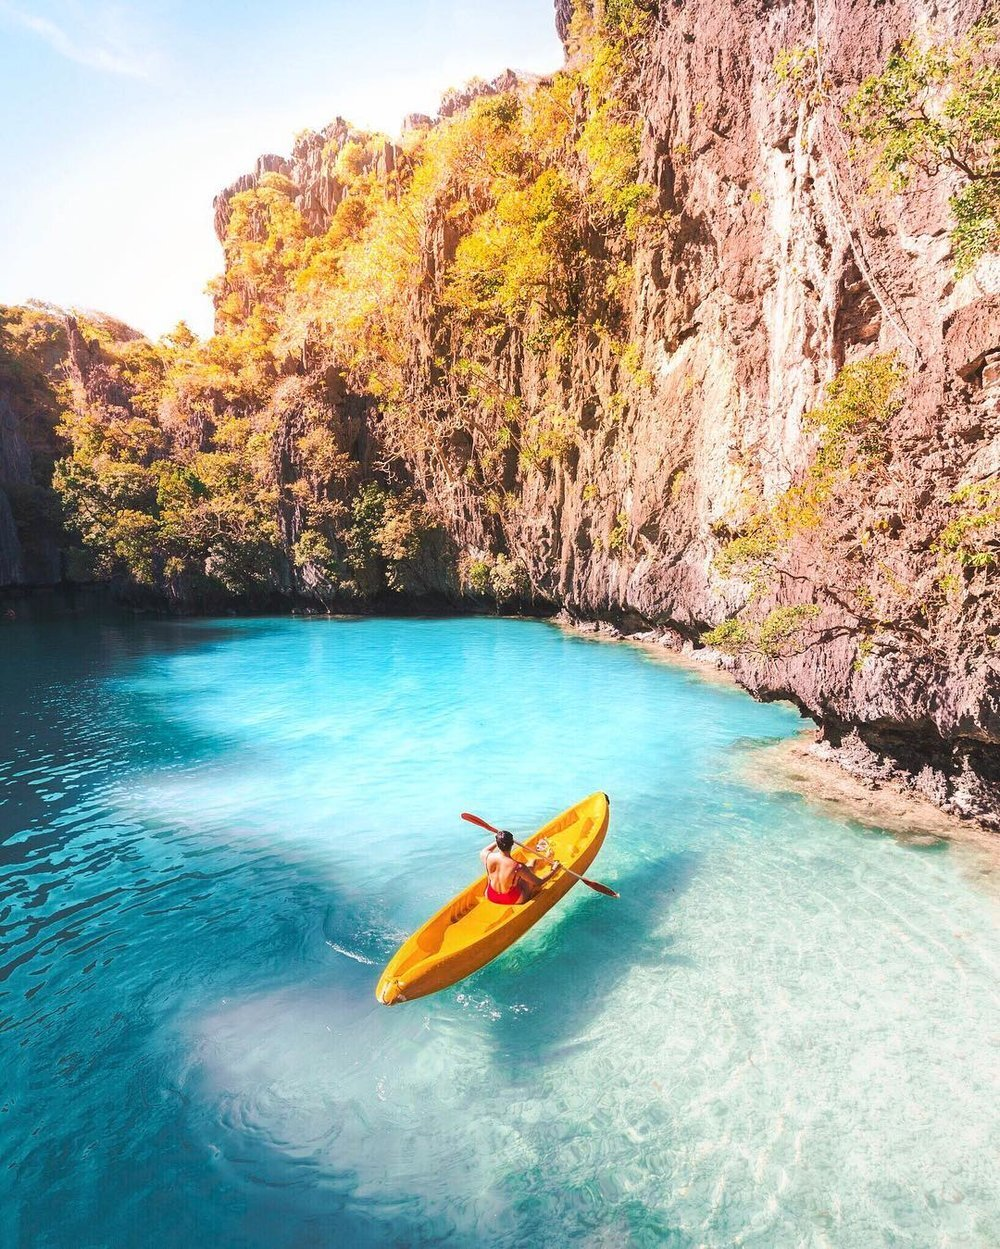 在菲律宾巴beplay3体育官方下载拉望岛的秘密泻湖里,梅尔在一艘黄色皮艇上划桨——摄影:乔丹·哈蒙德